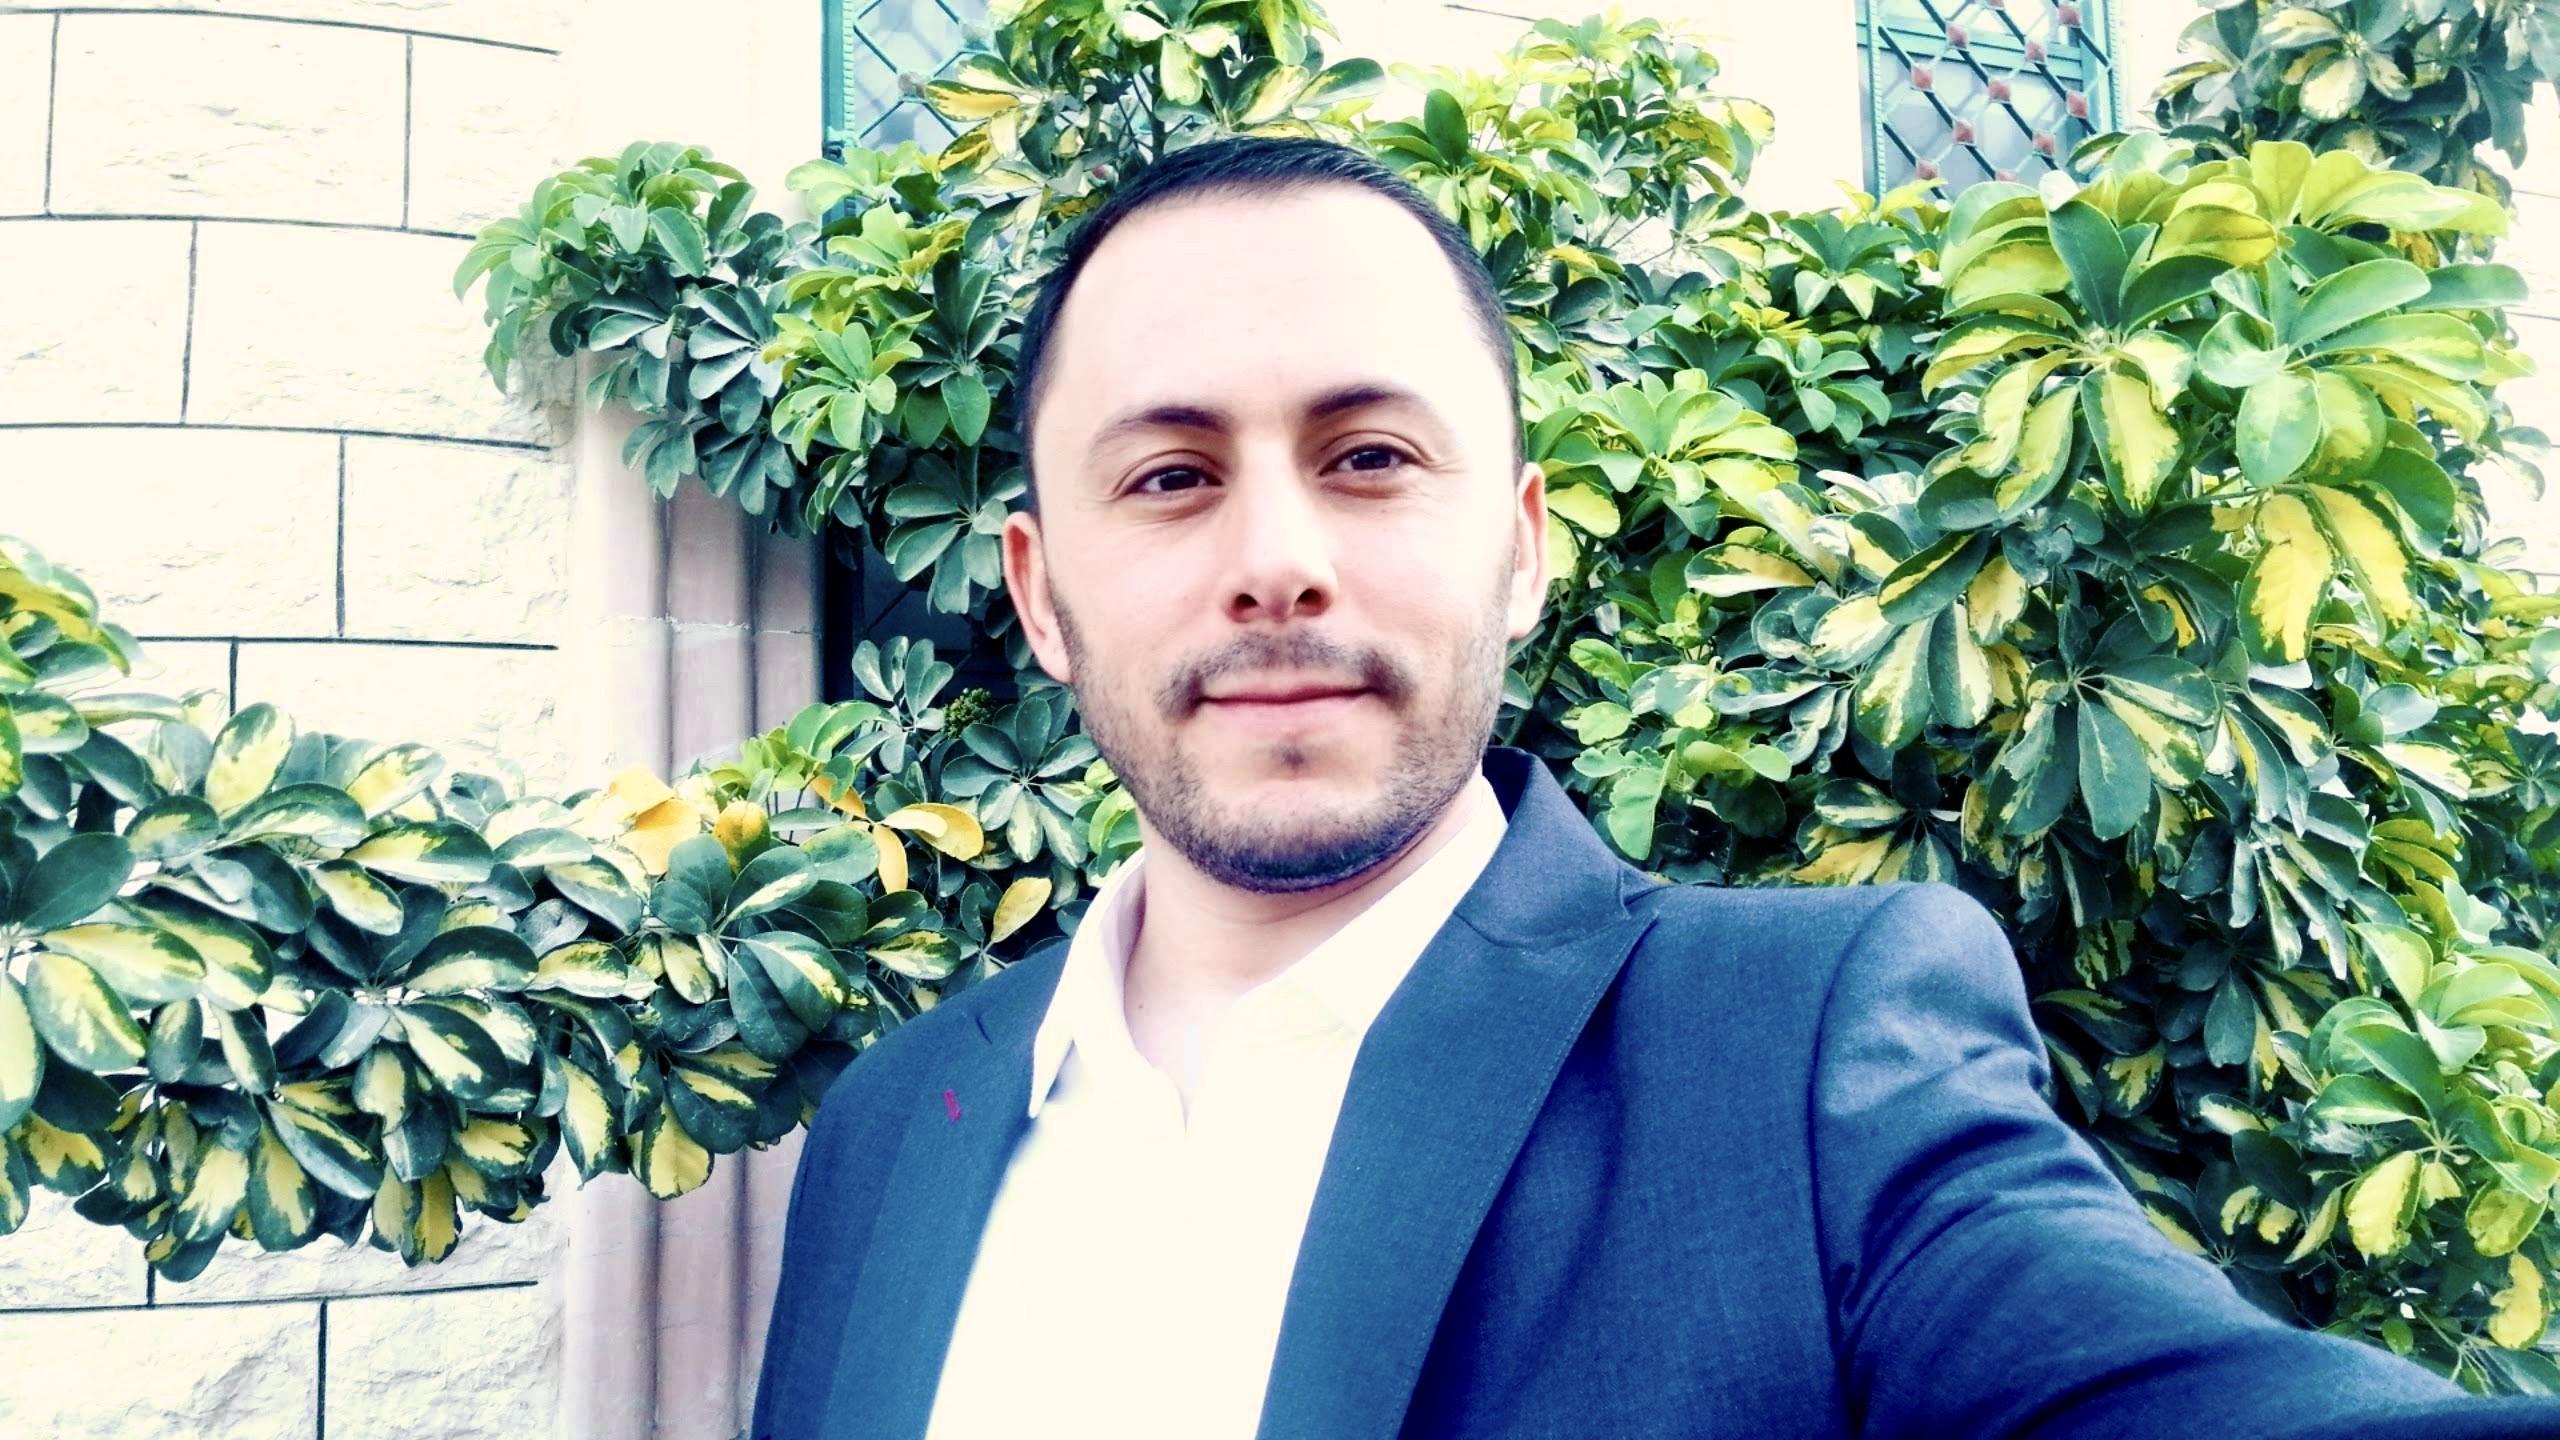 زكريا إسماعيل عيسى صالح